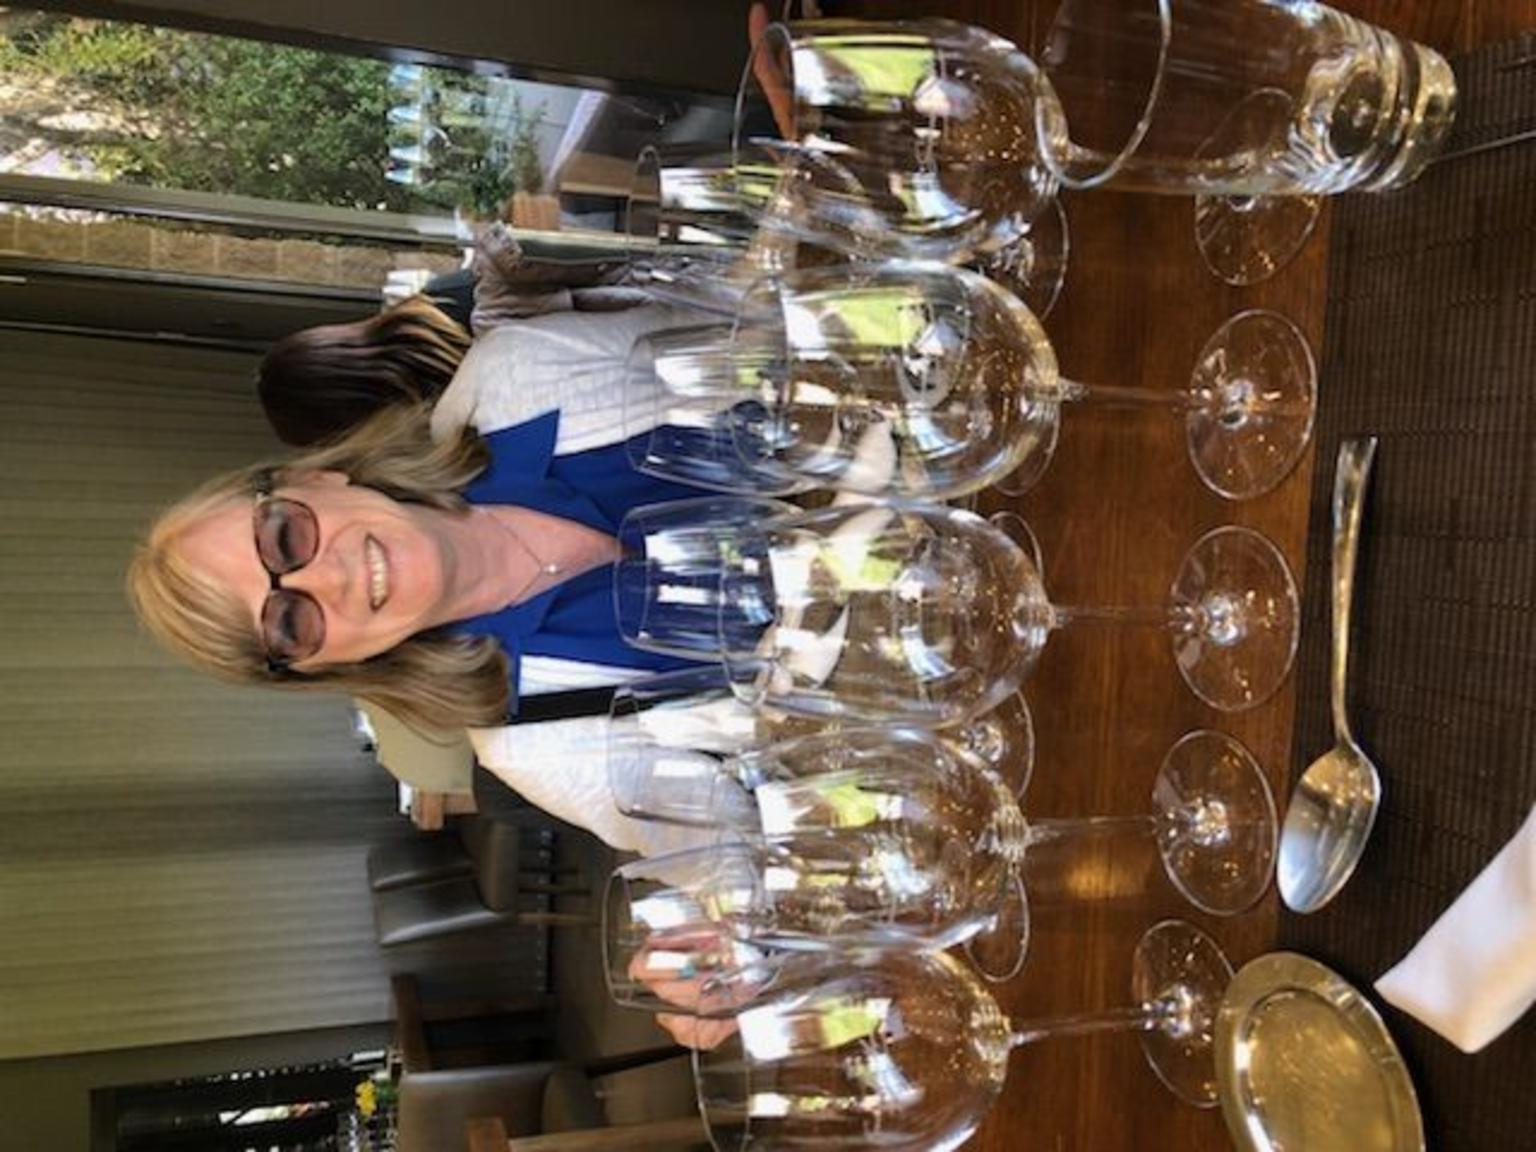 MÁS FOTOS, Recorrido de día completo a Mendoza con experiencia con vino desde Buenos Aires